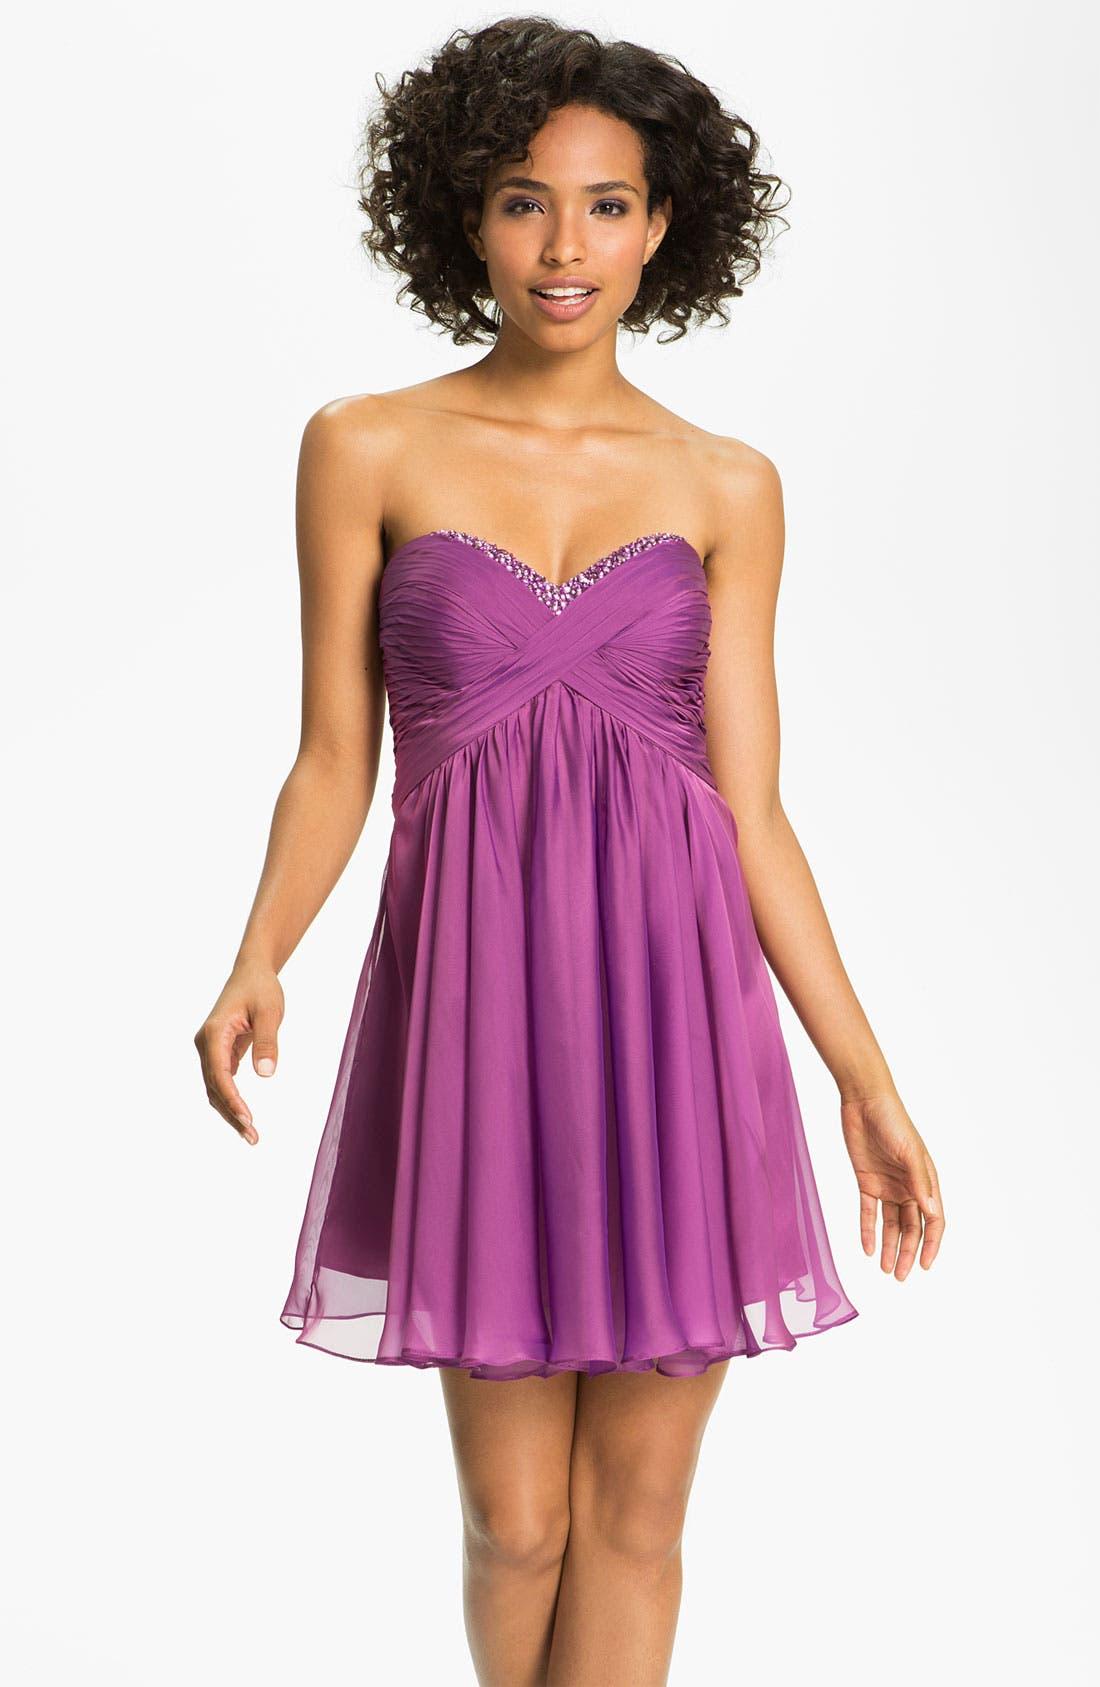 Main Image - La Femme Strapless Cutout Back Chiffon Dress